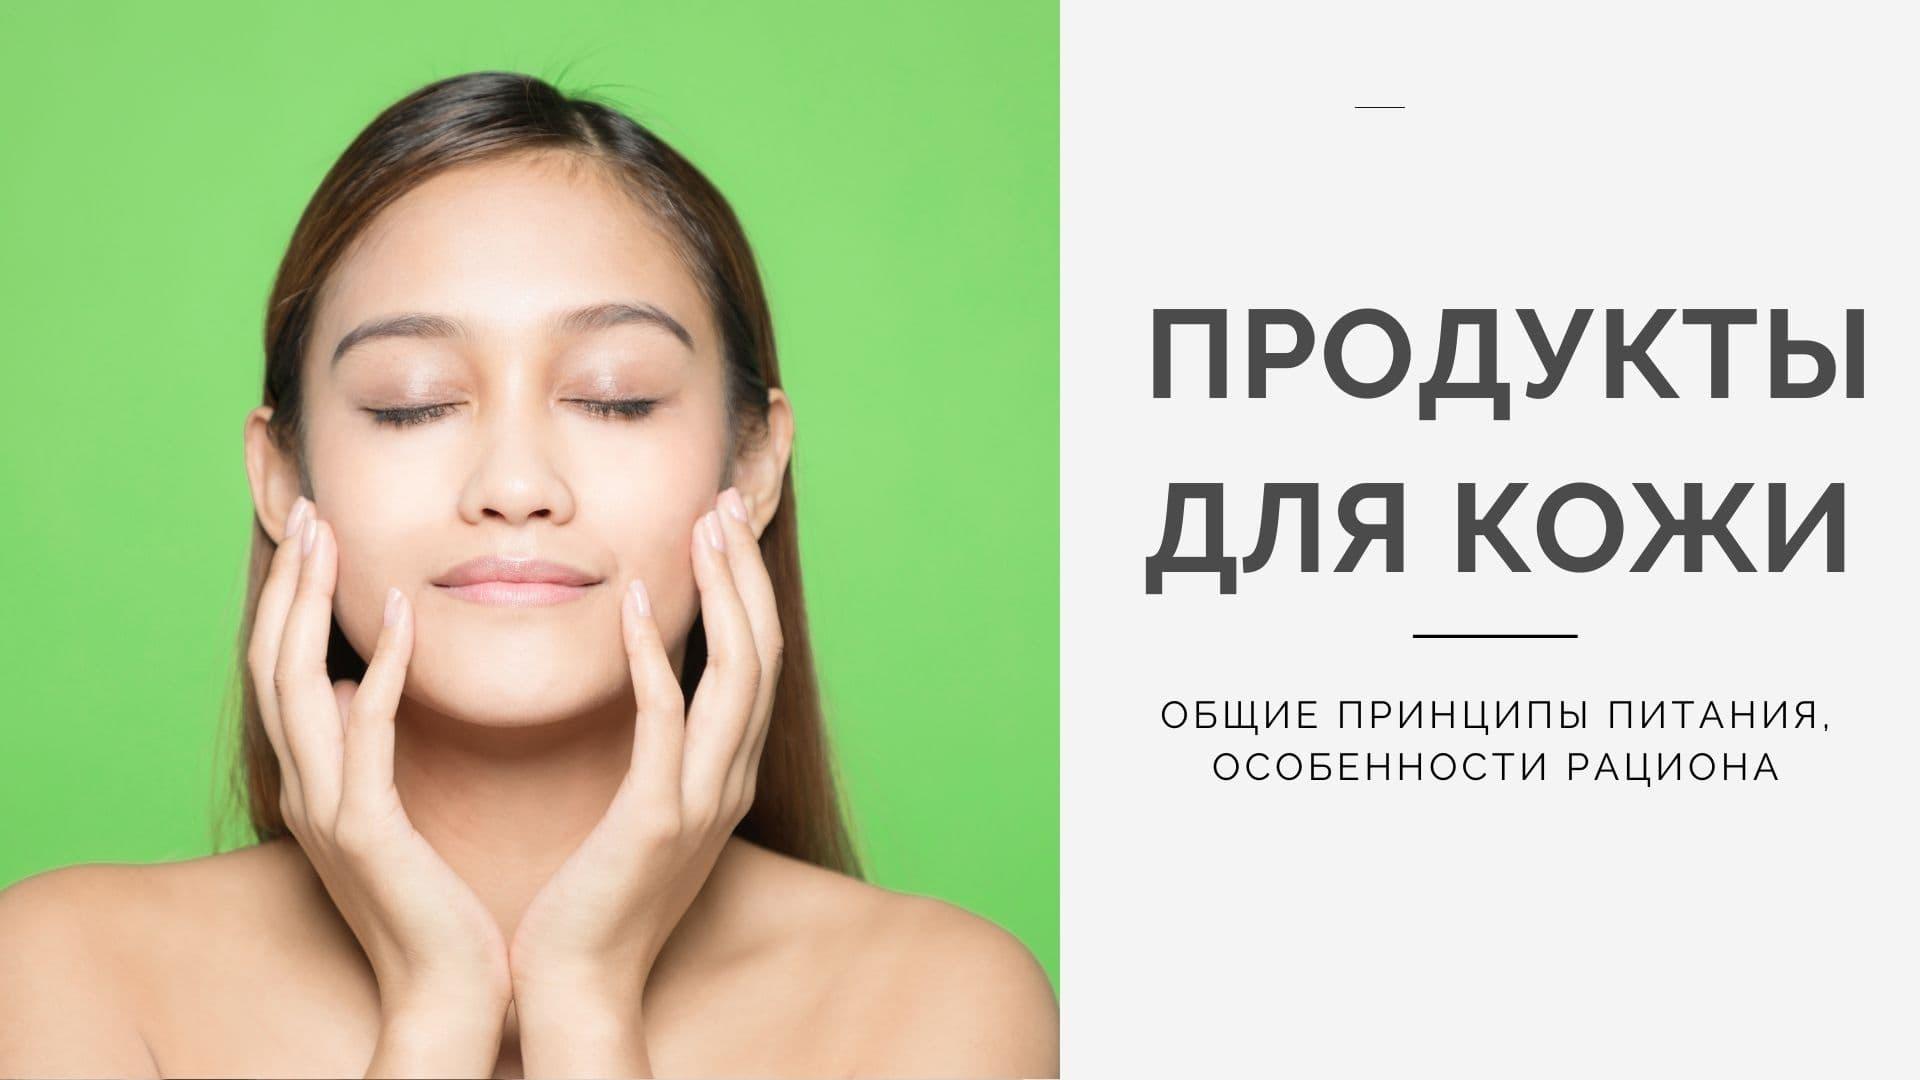 Продукты для кожи: общие принципы питания, особенности рациона